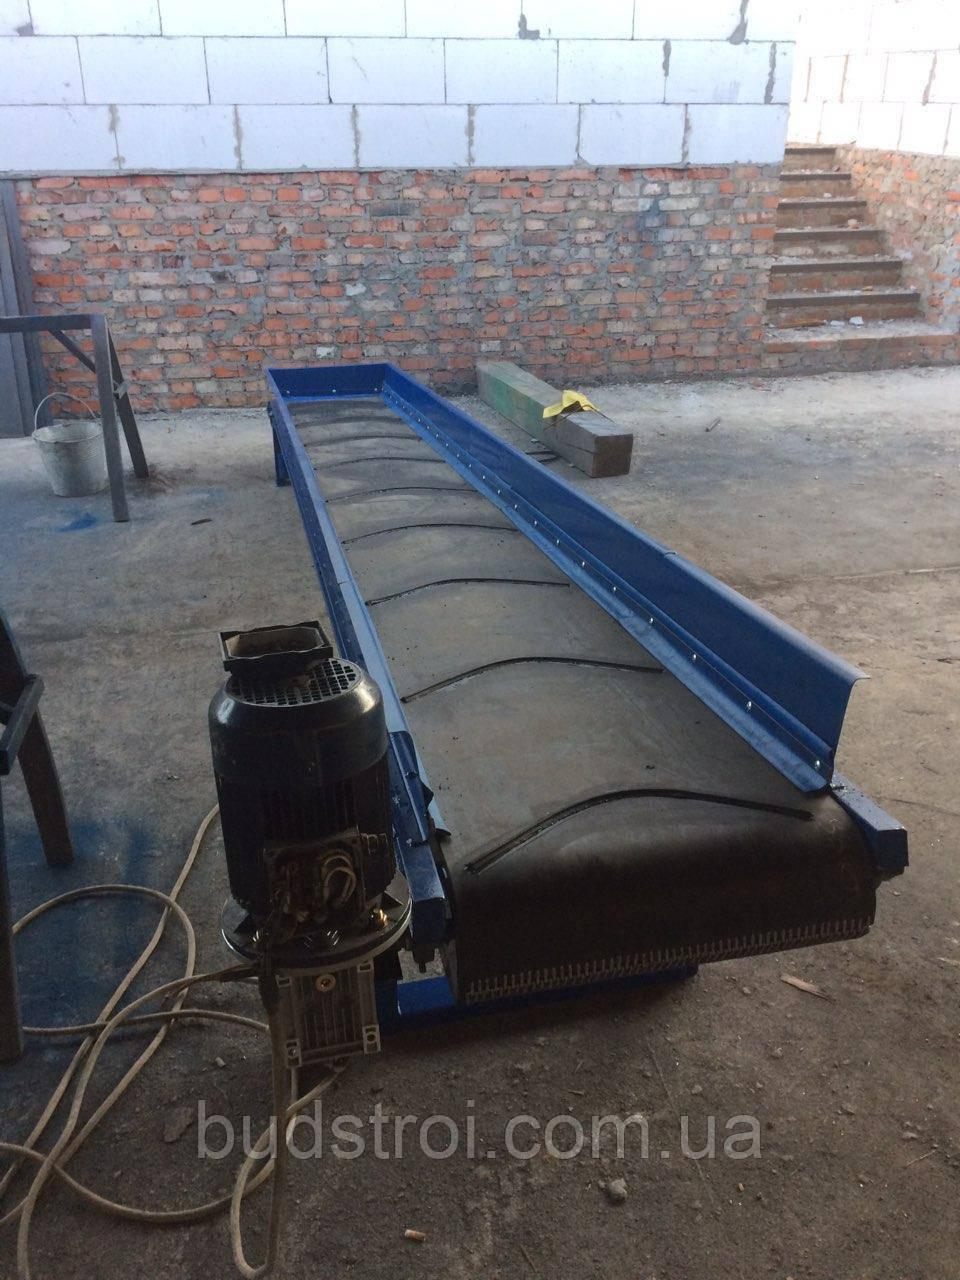 Конвейер транспортер ленточный купить скребковый транспортер у